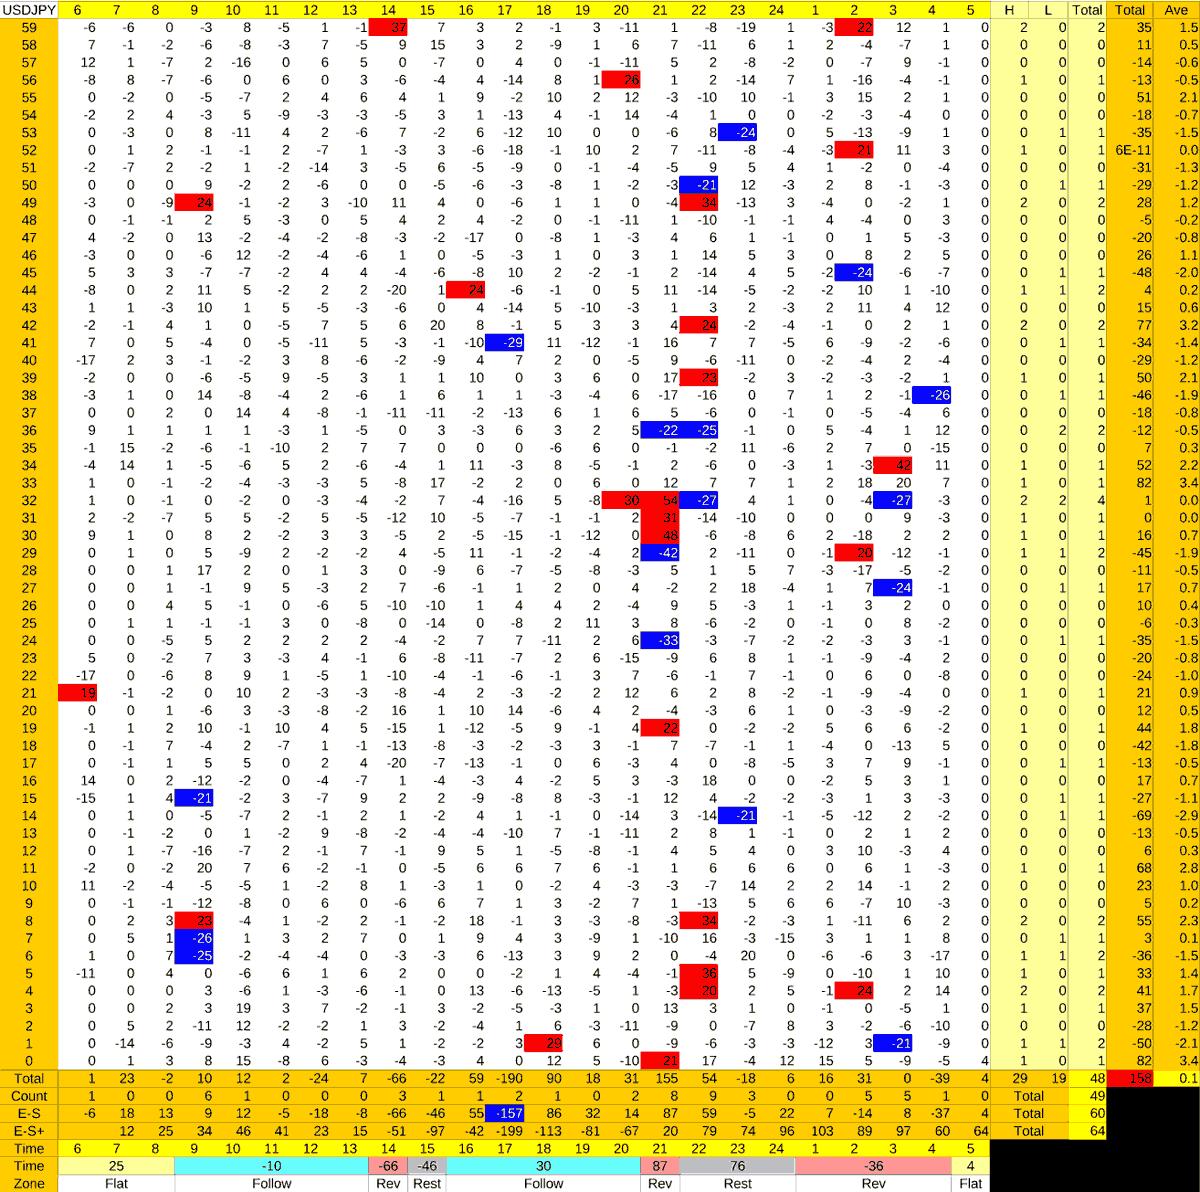 20210402_HS(1)USDJPY